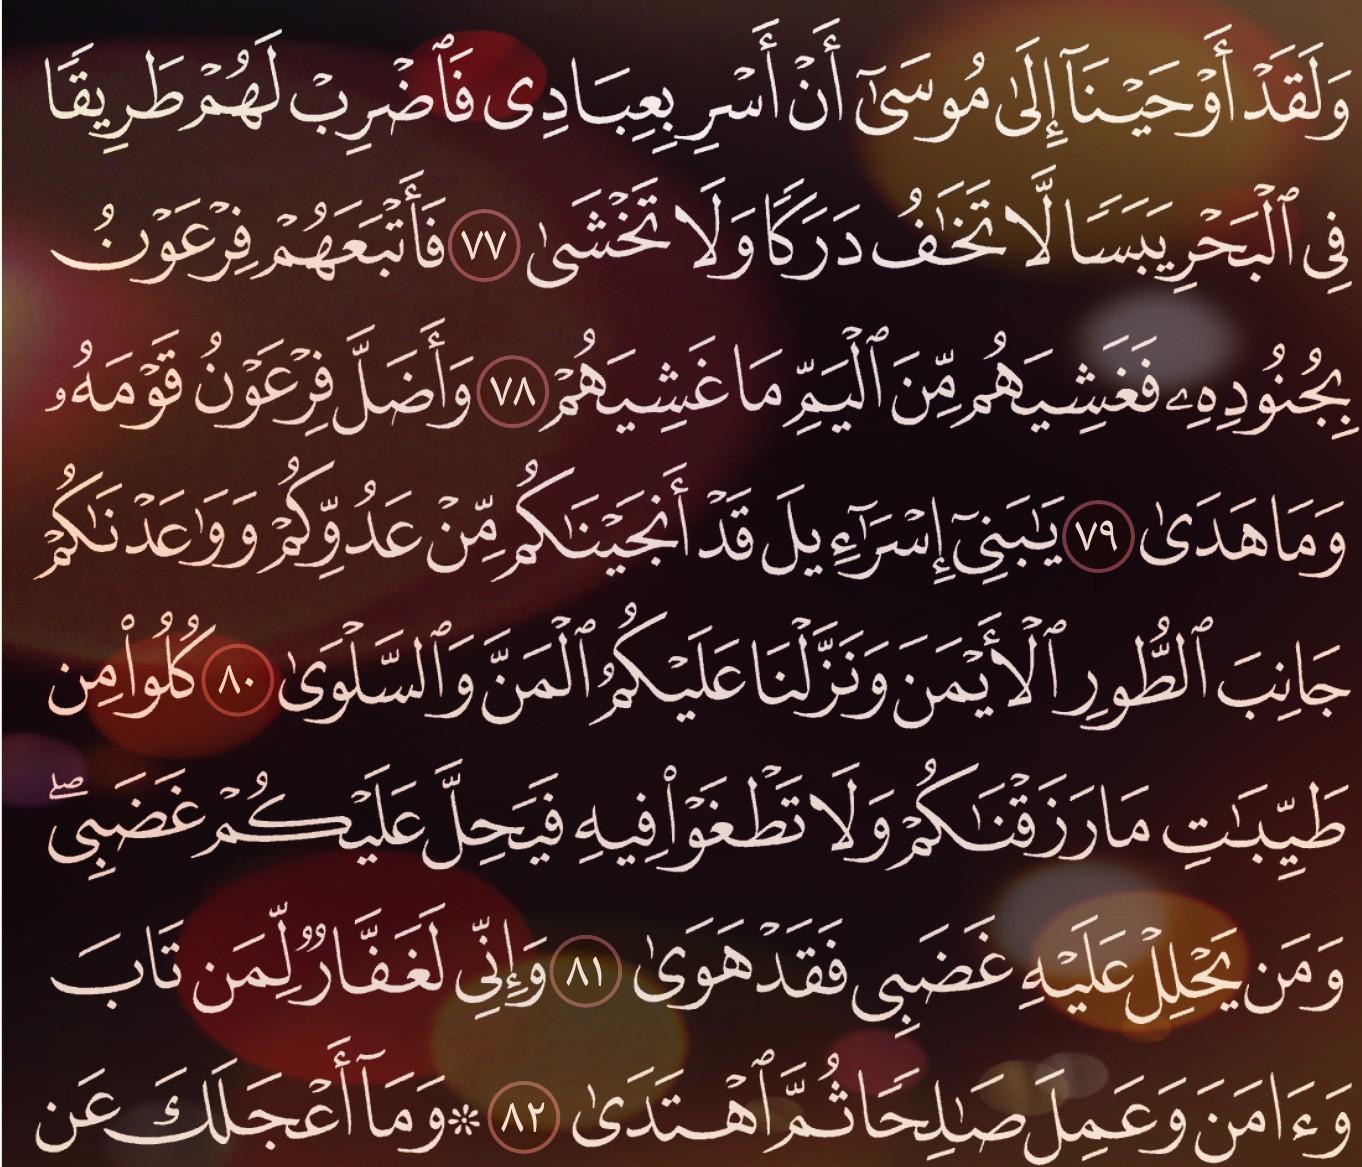 شرح وتفسير سورة طه surah Taha ( من الآية 65 إلى الاية 82 )